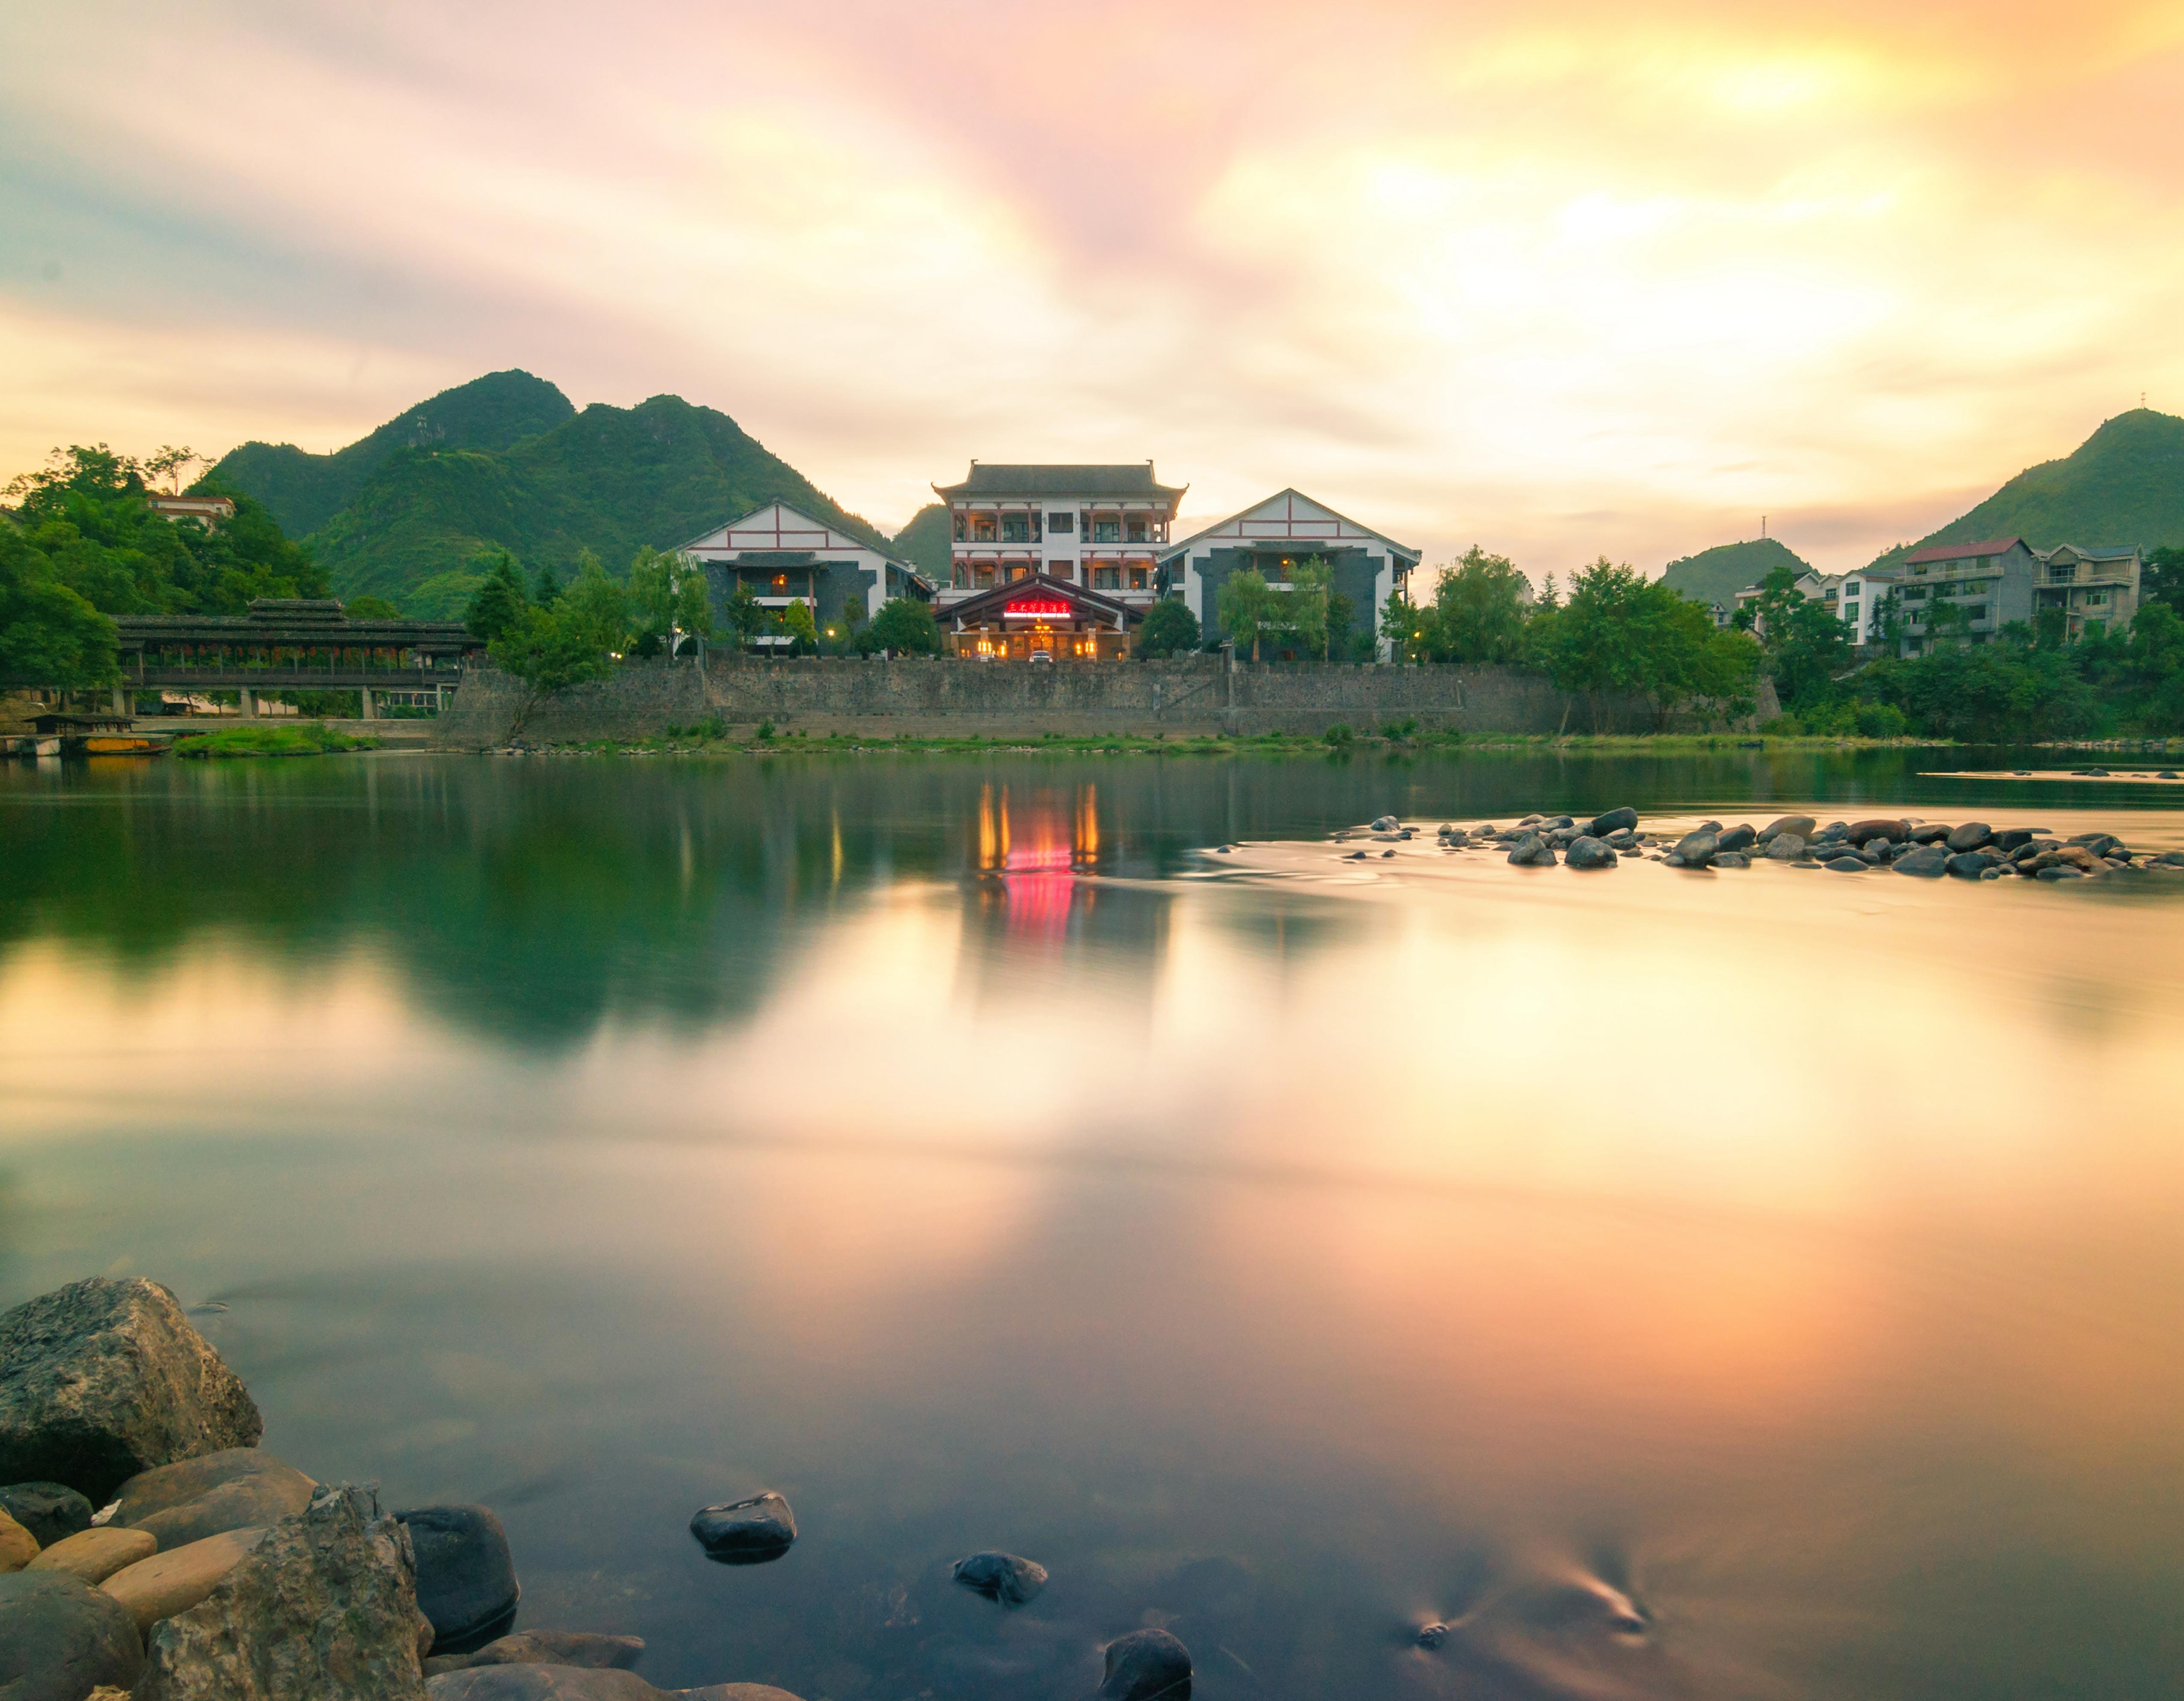 北京五一旅游推荐_请问十八洞村有吃住的地方没,有老板的联系电话吗-花垣旅游 ...